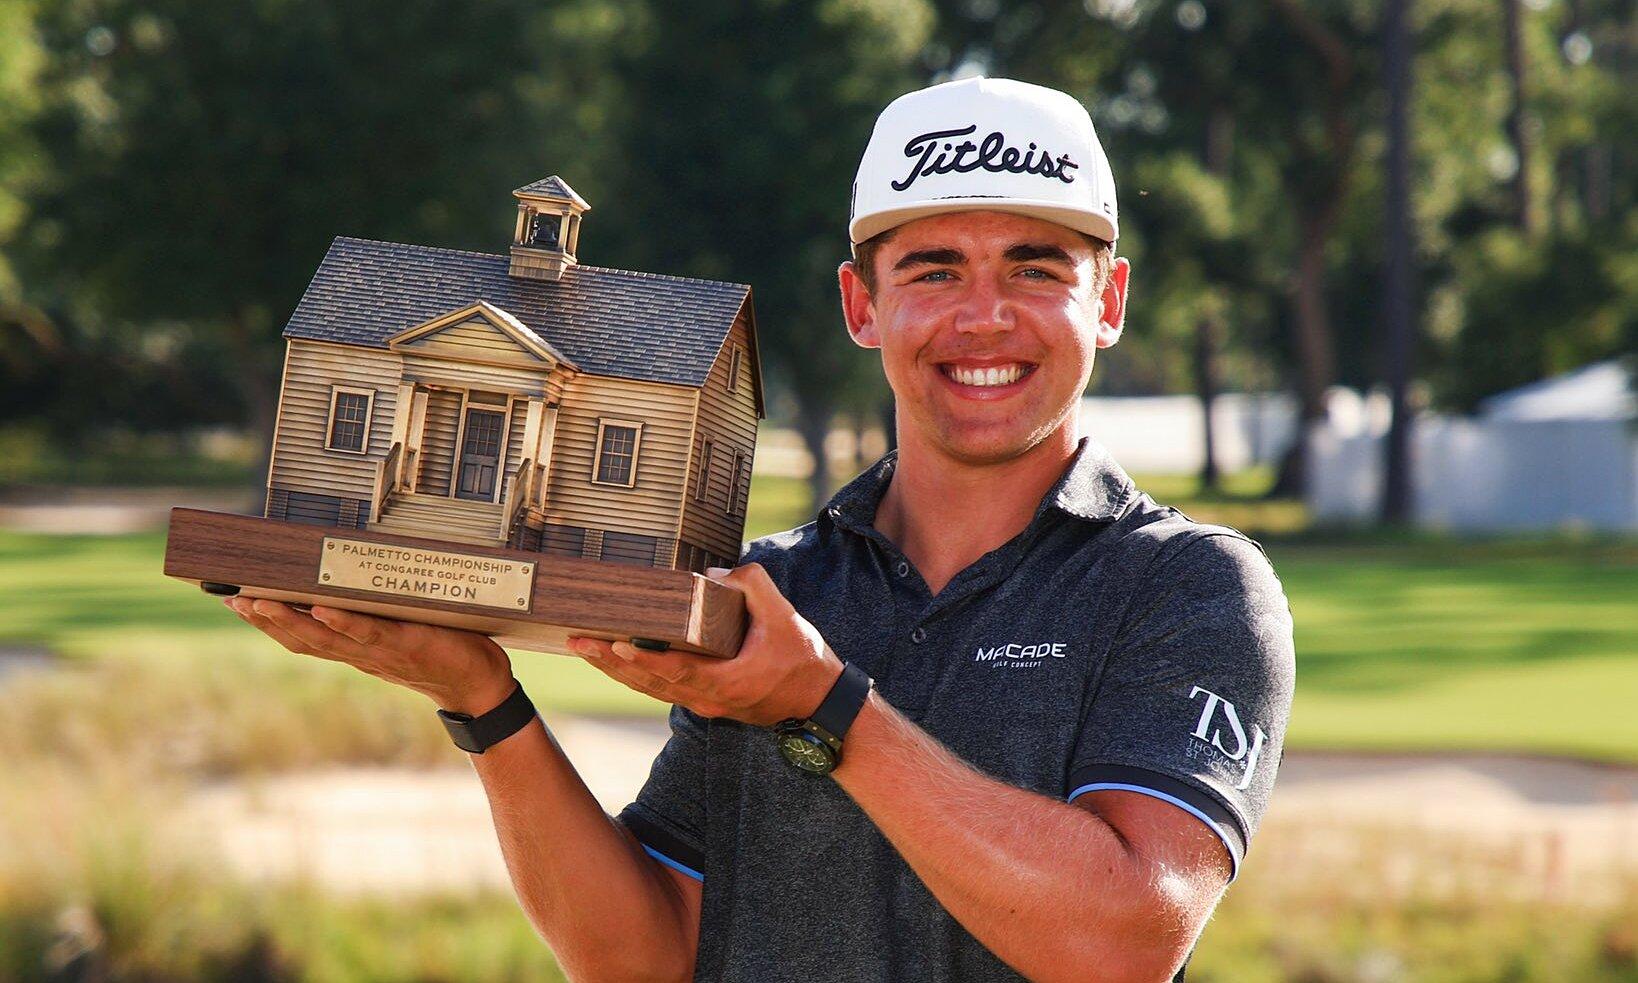 Higgo nâng cúp cho nhà vô địch Palmetto Championship, đánh dấu lần đầu tiên đăng quang trên PGA Tour. Ảnh: PGA Tour